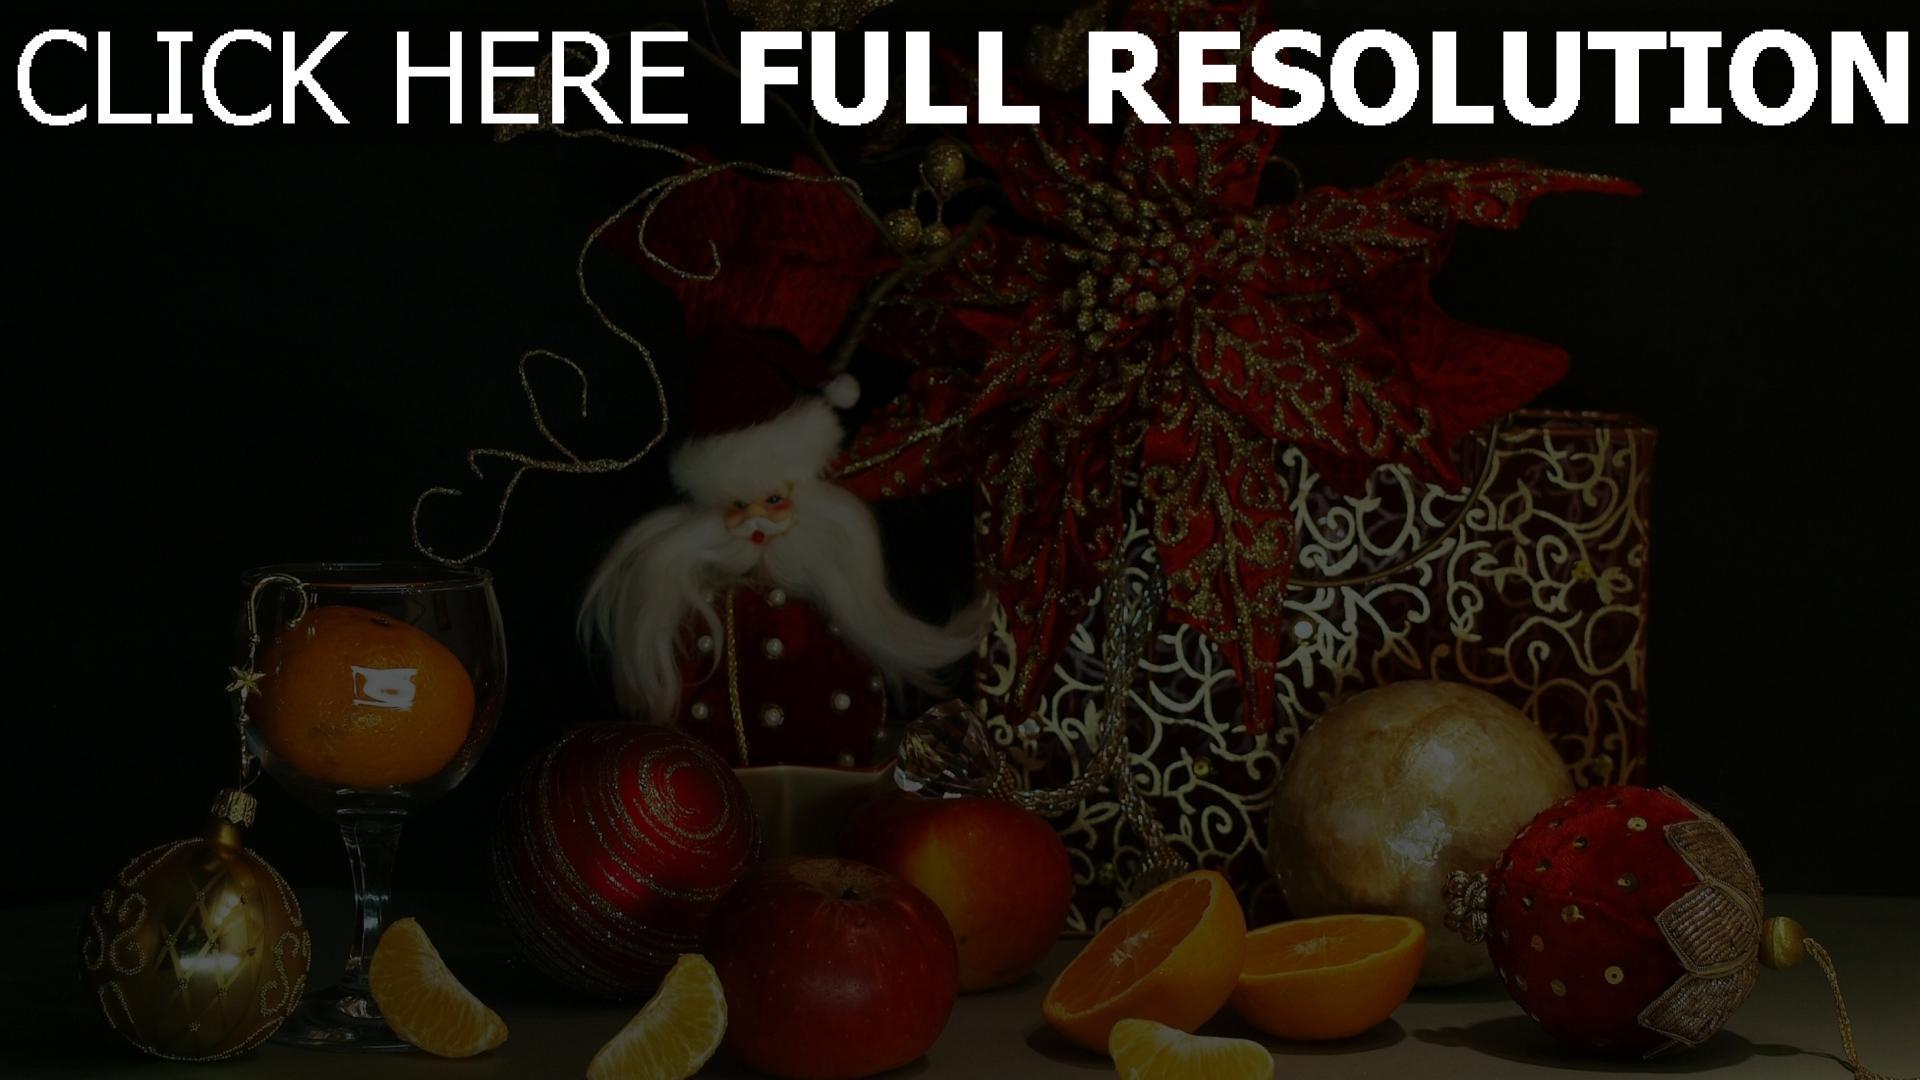 HD Hintergrundbilder feiertag geschenk weihnachten neujahr ...